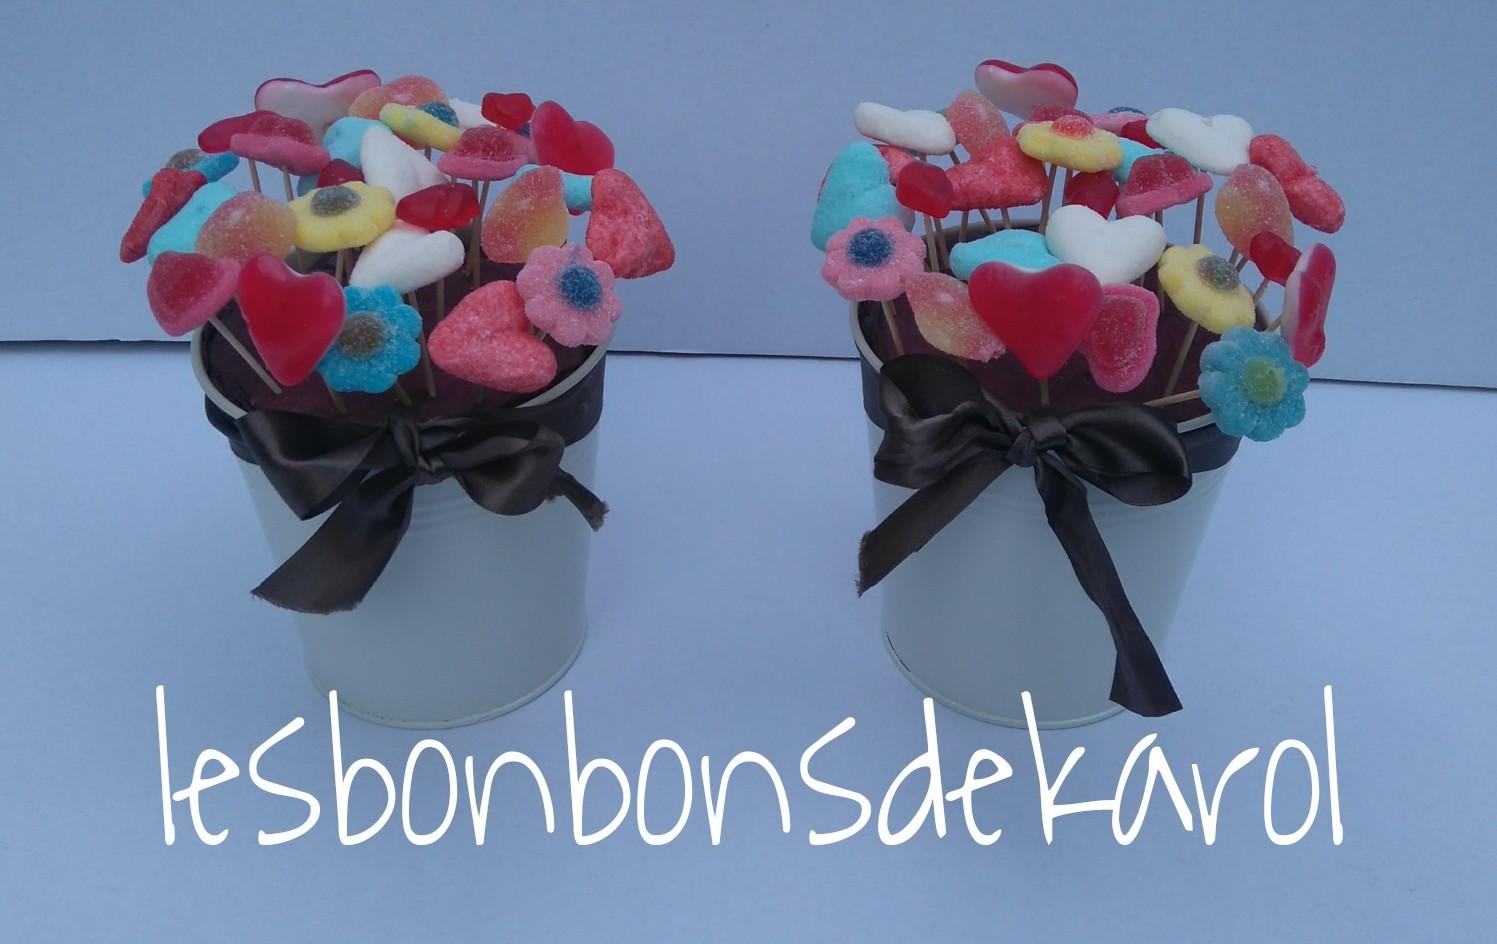 POTEE de BONBONS 12,50 € (28 bonbons - pot blanc existe aussi en bleu, vert, orange, argent, rose)